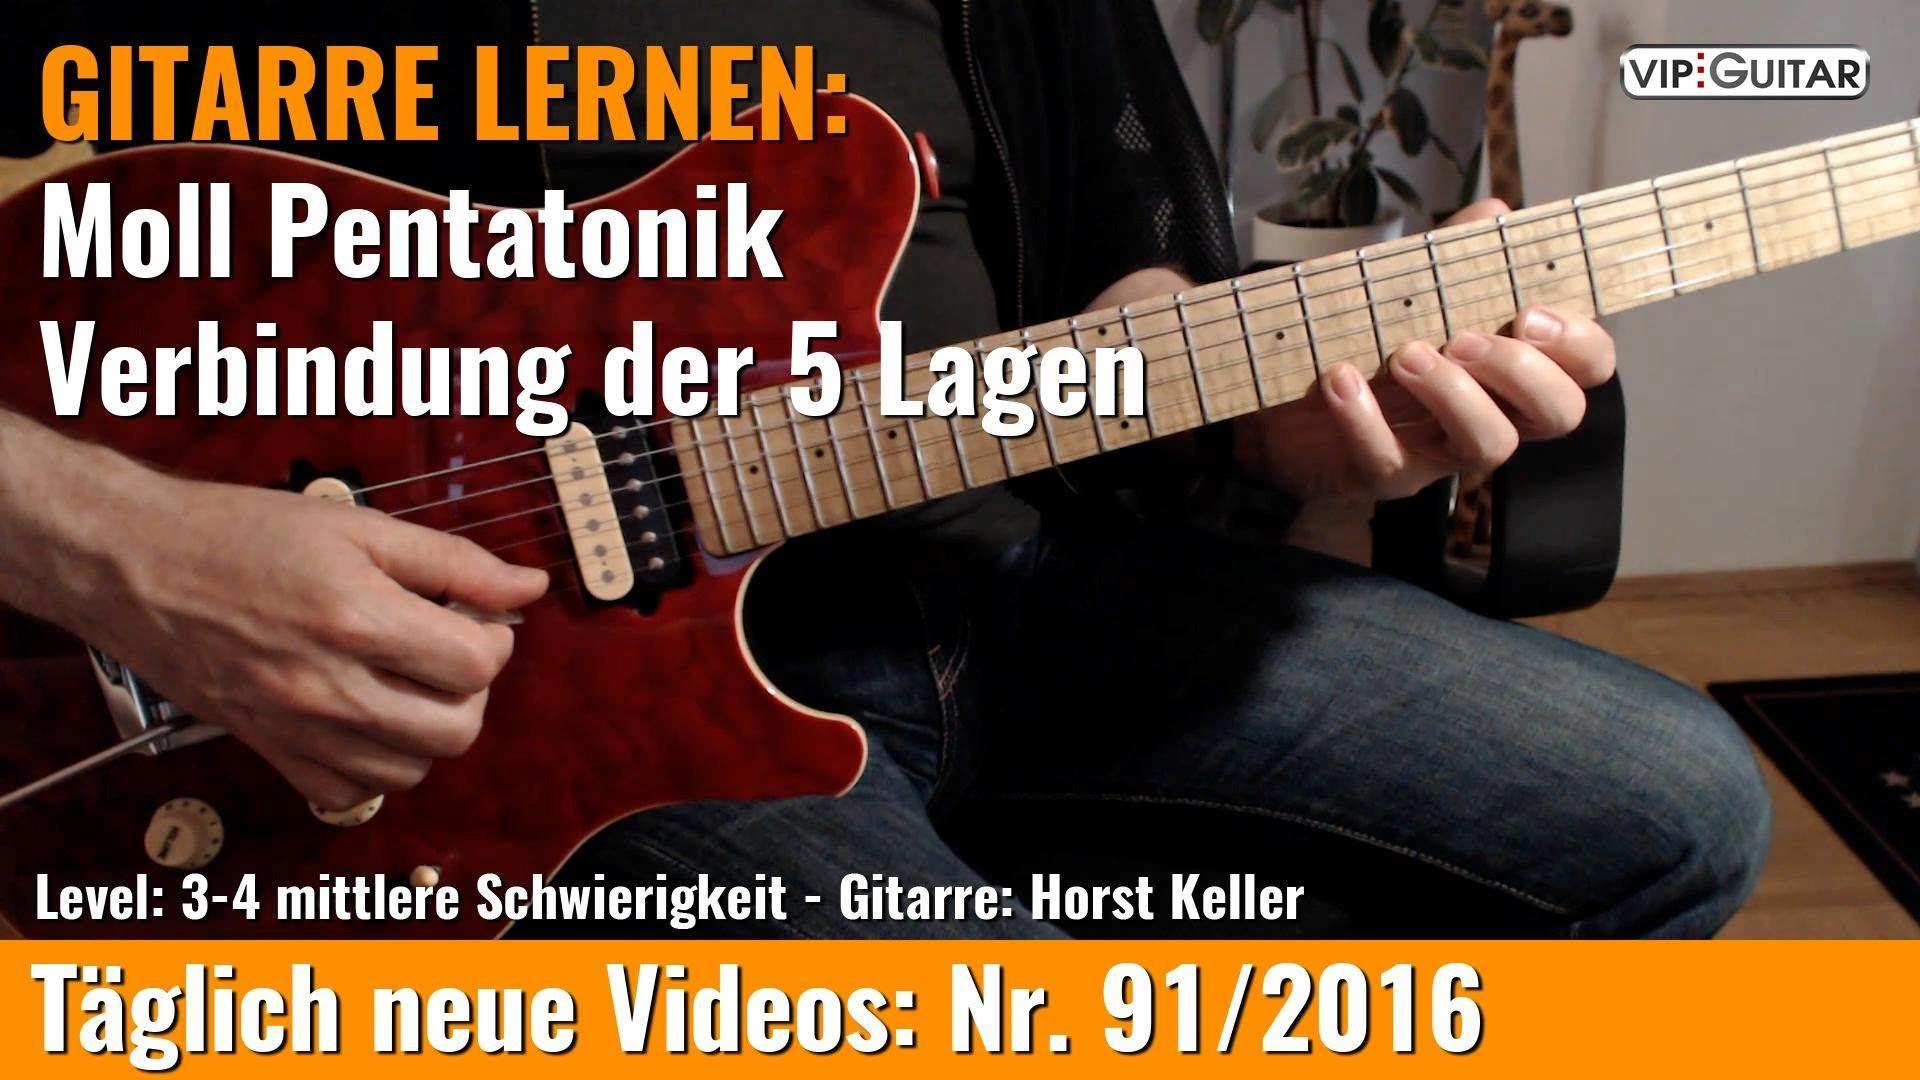 GITARRE LERNEN A Dur Pentatonik Position1 3 er Sequenz VIP Guitar Horst Gitarre lernen Pinterest